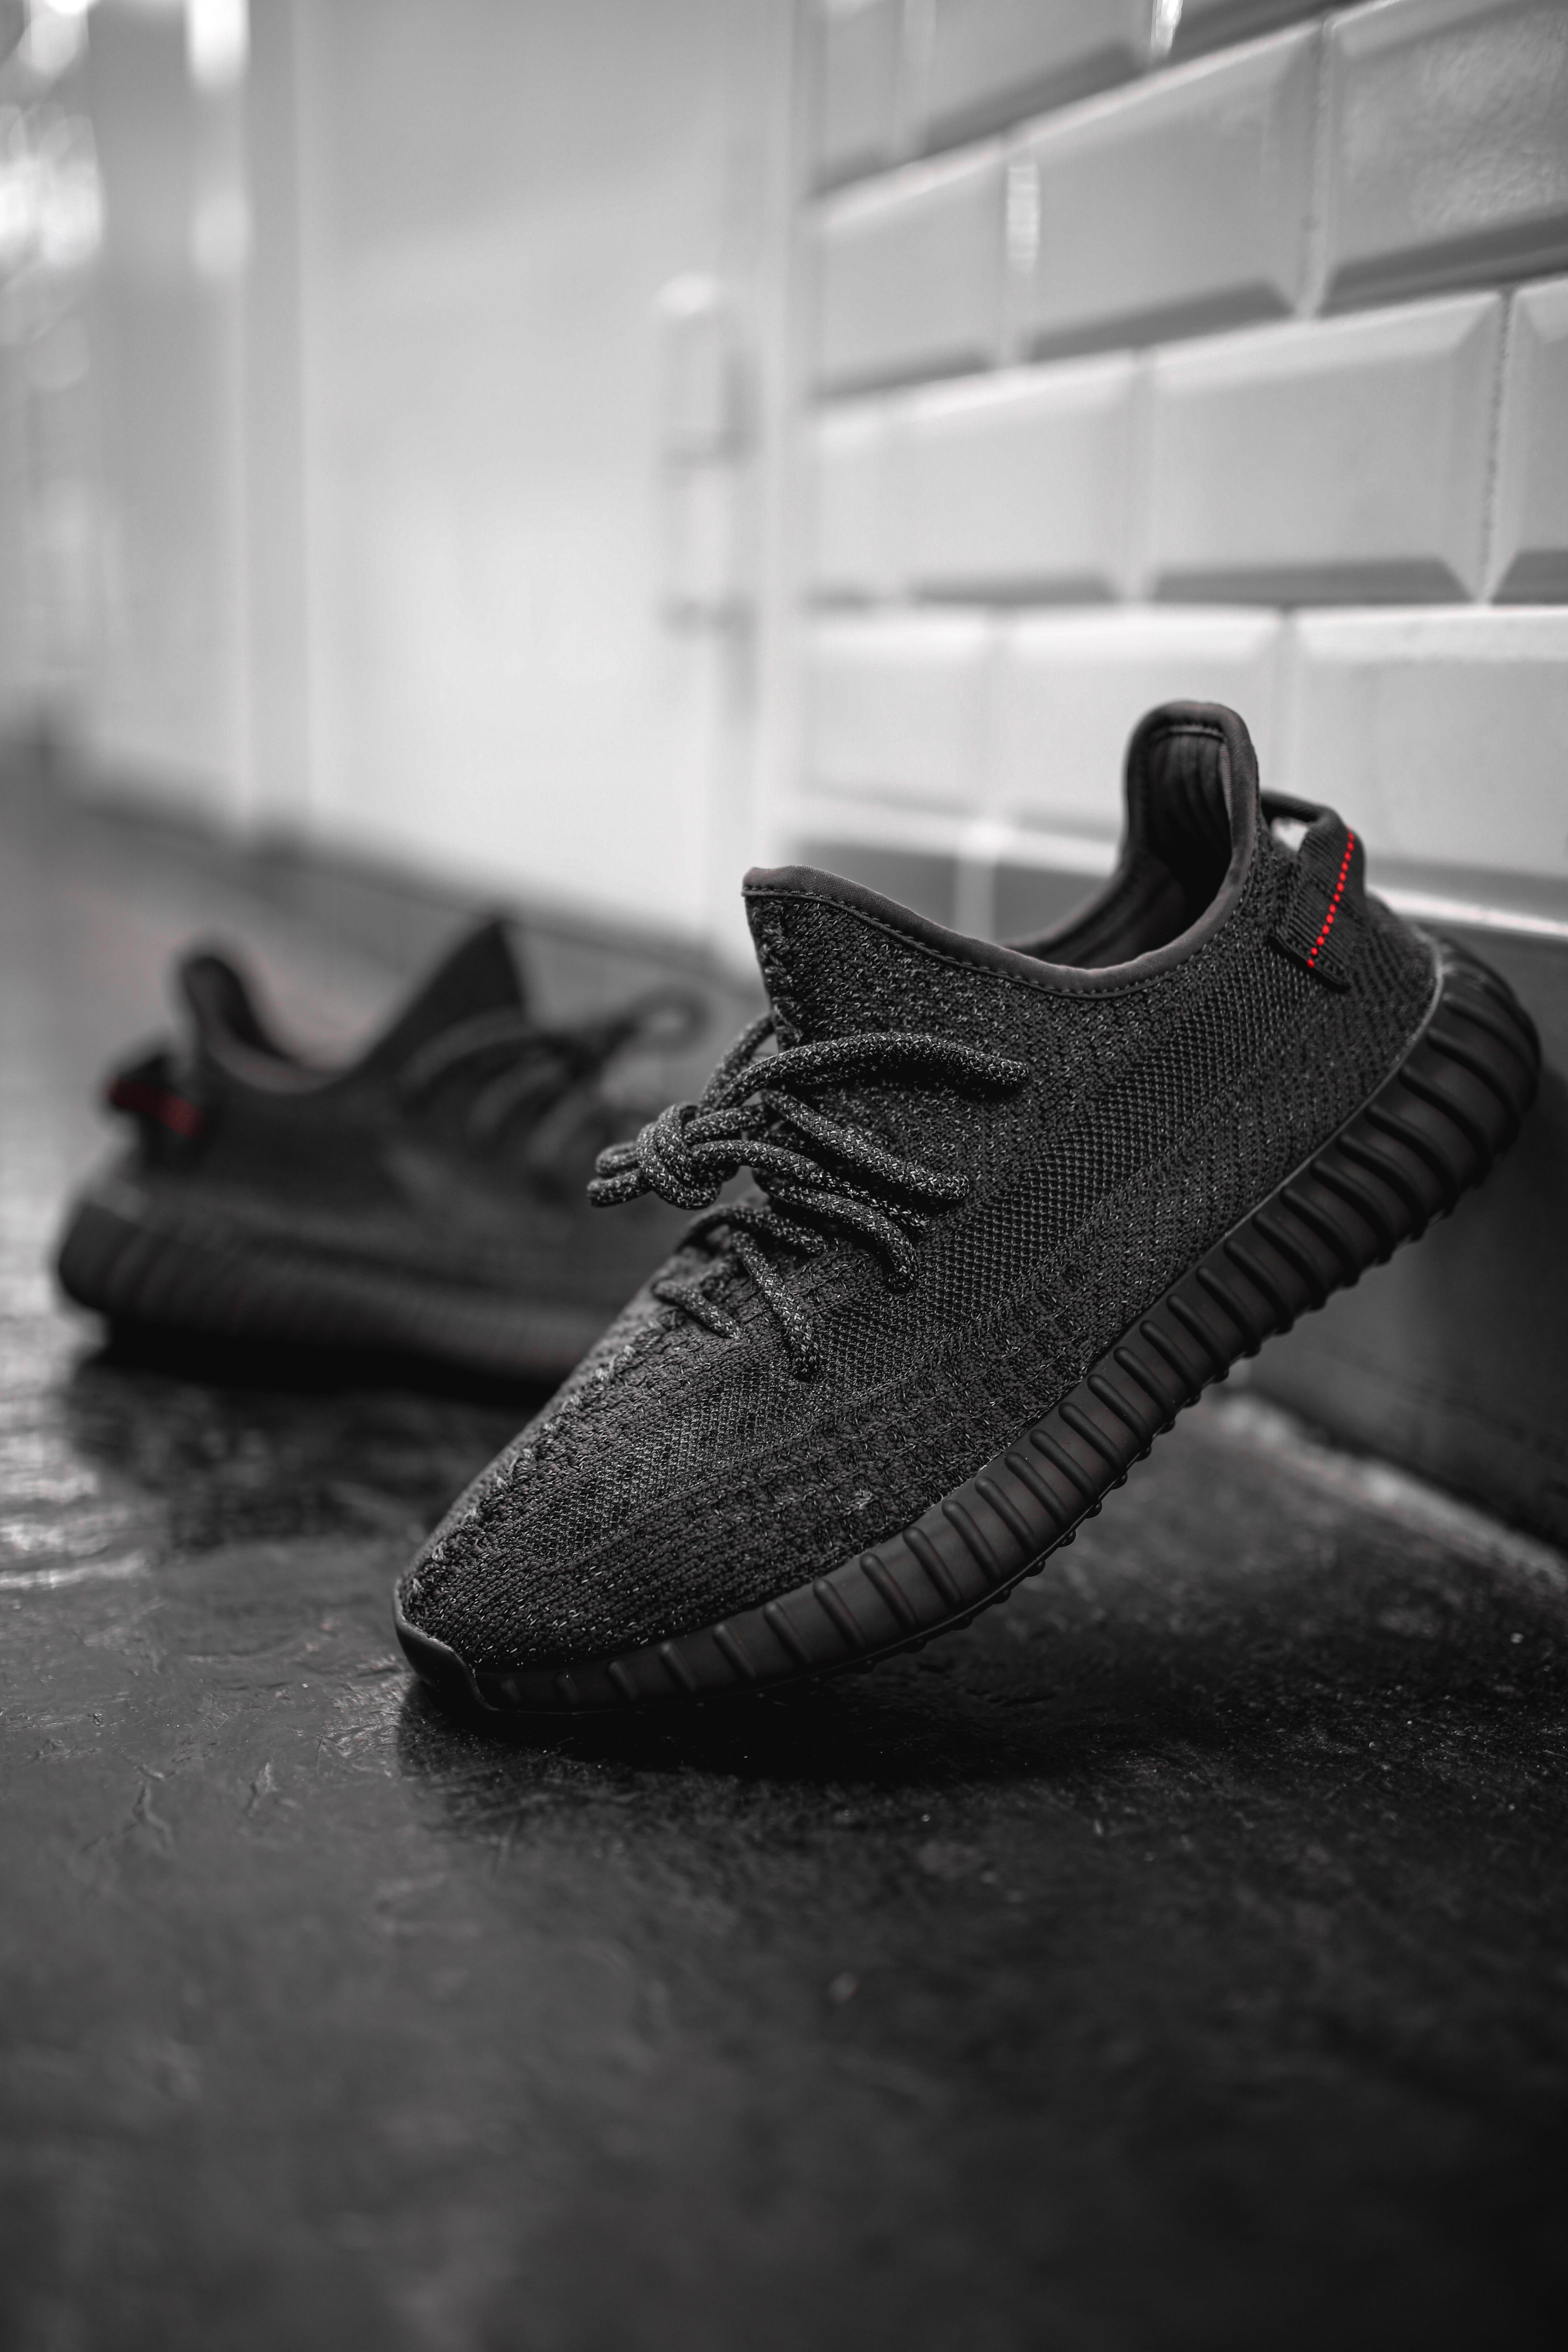 yeezy boost 350 v2 static noir